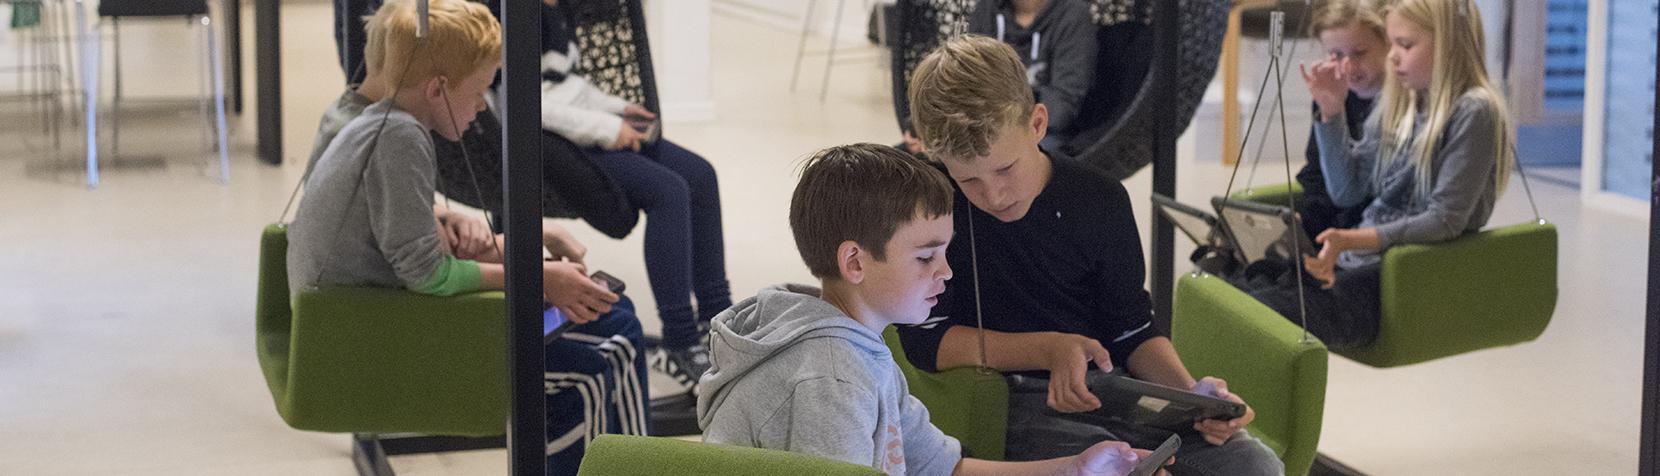 Skolebørn arbejder på iPads